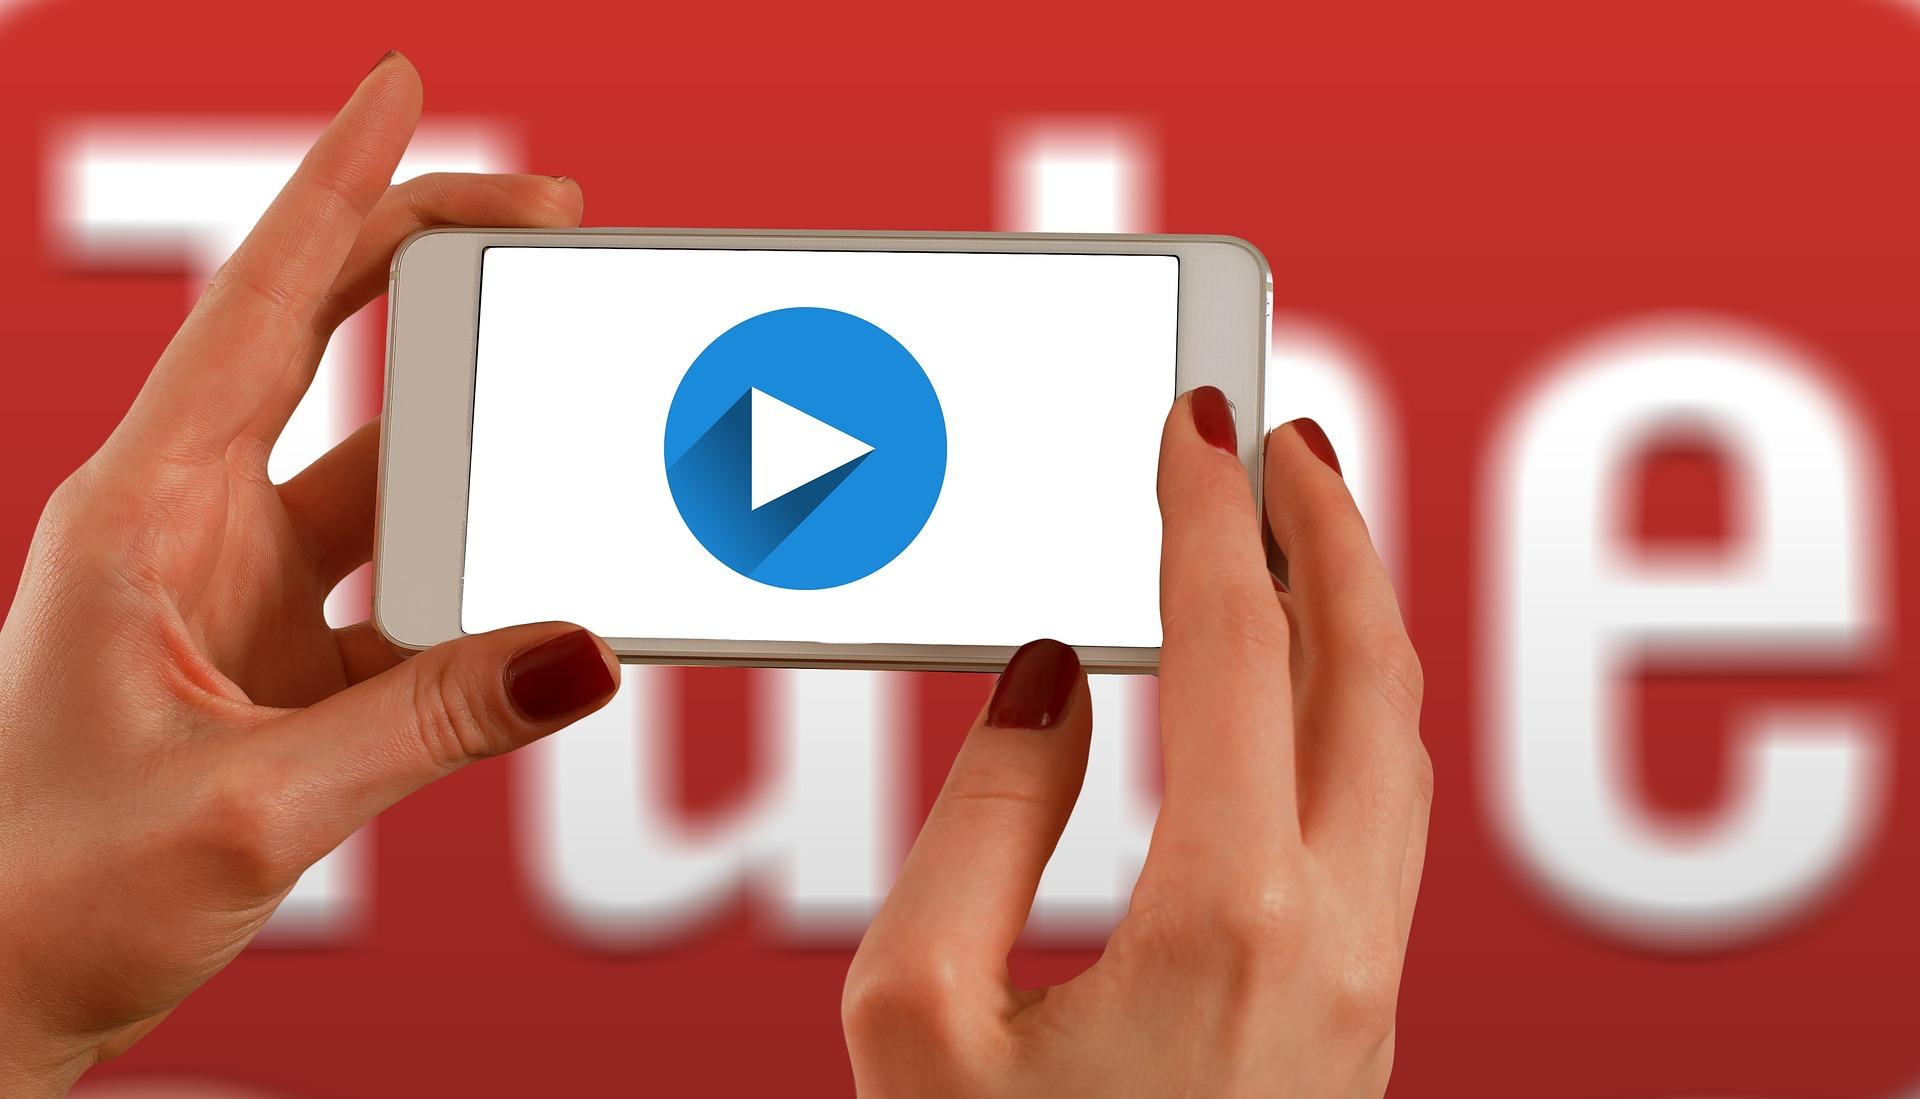 Tips for Using YouTube Better